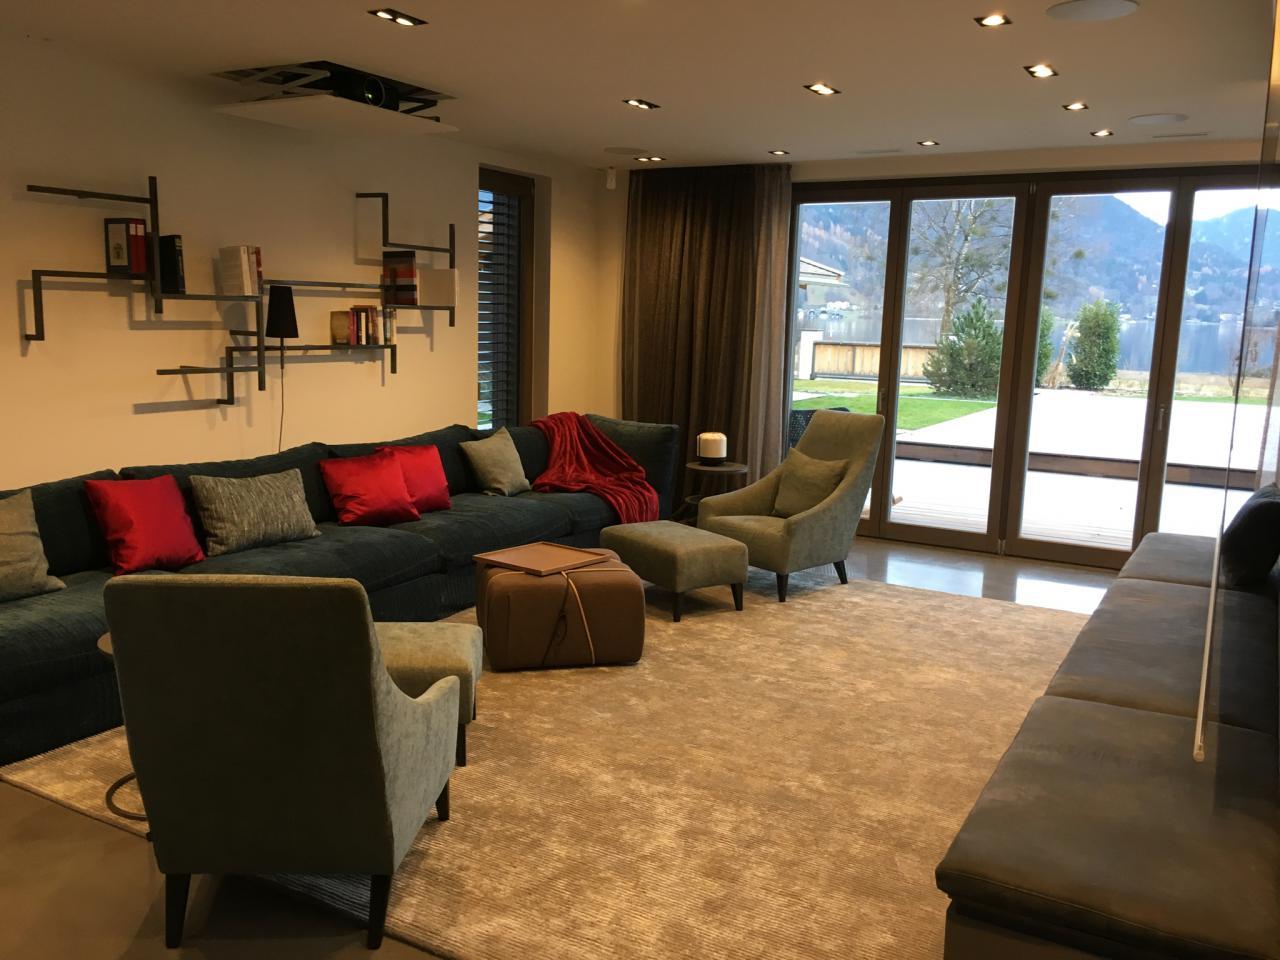 Heimkino mit beamer und leinwand haus design m bel for 7 1 wohnzimmer